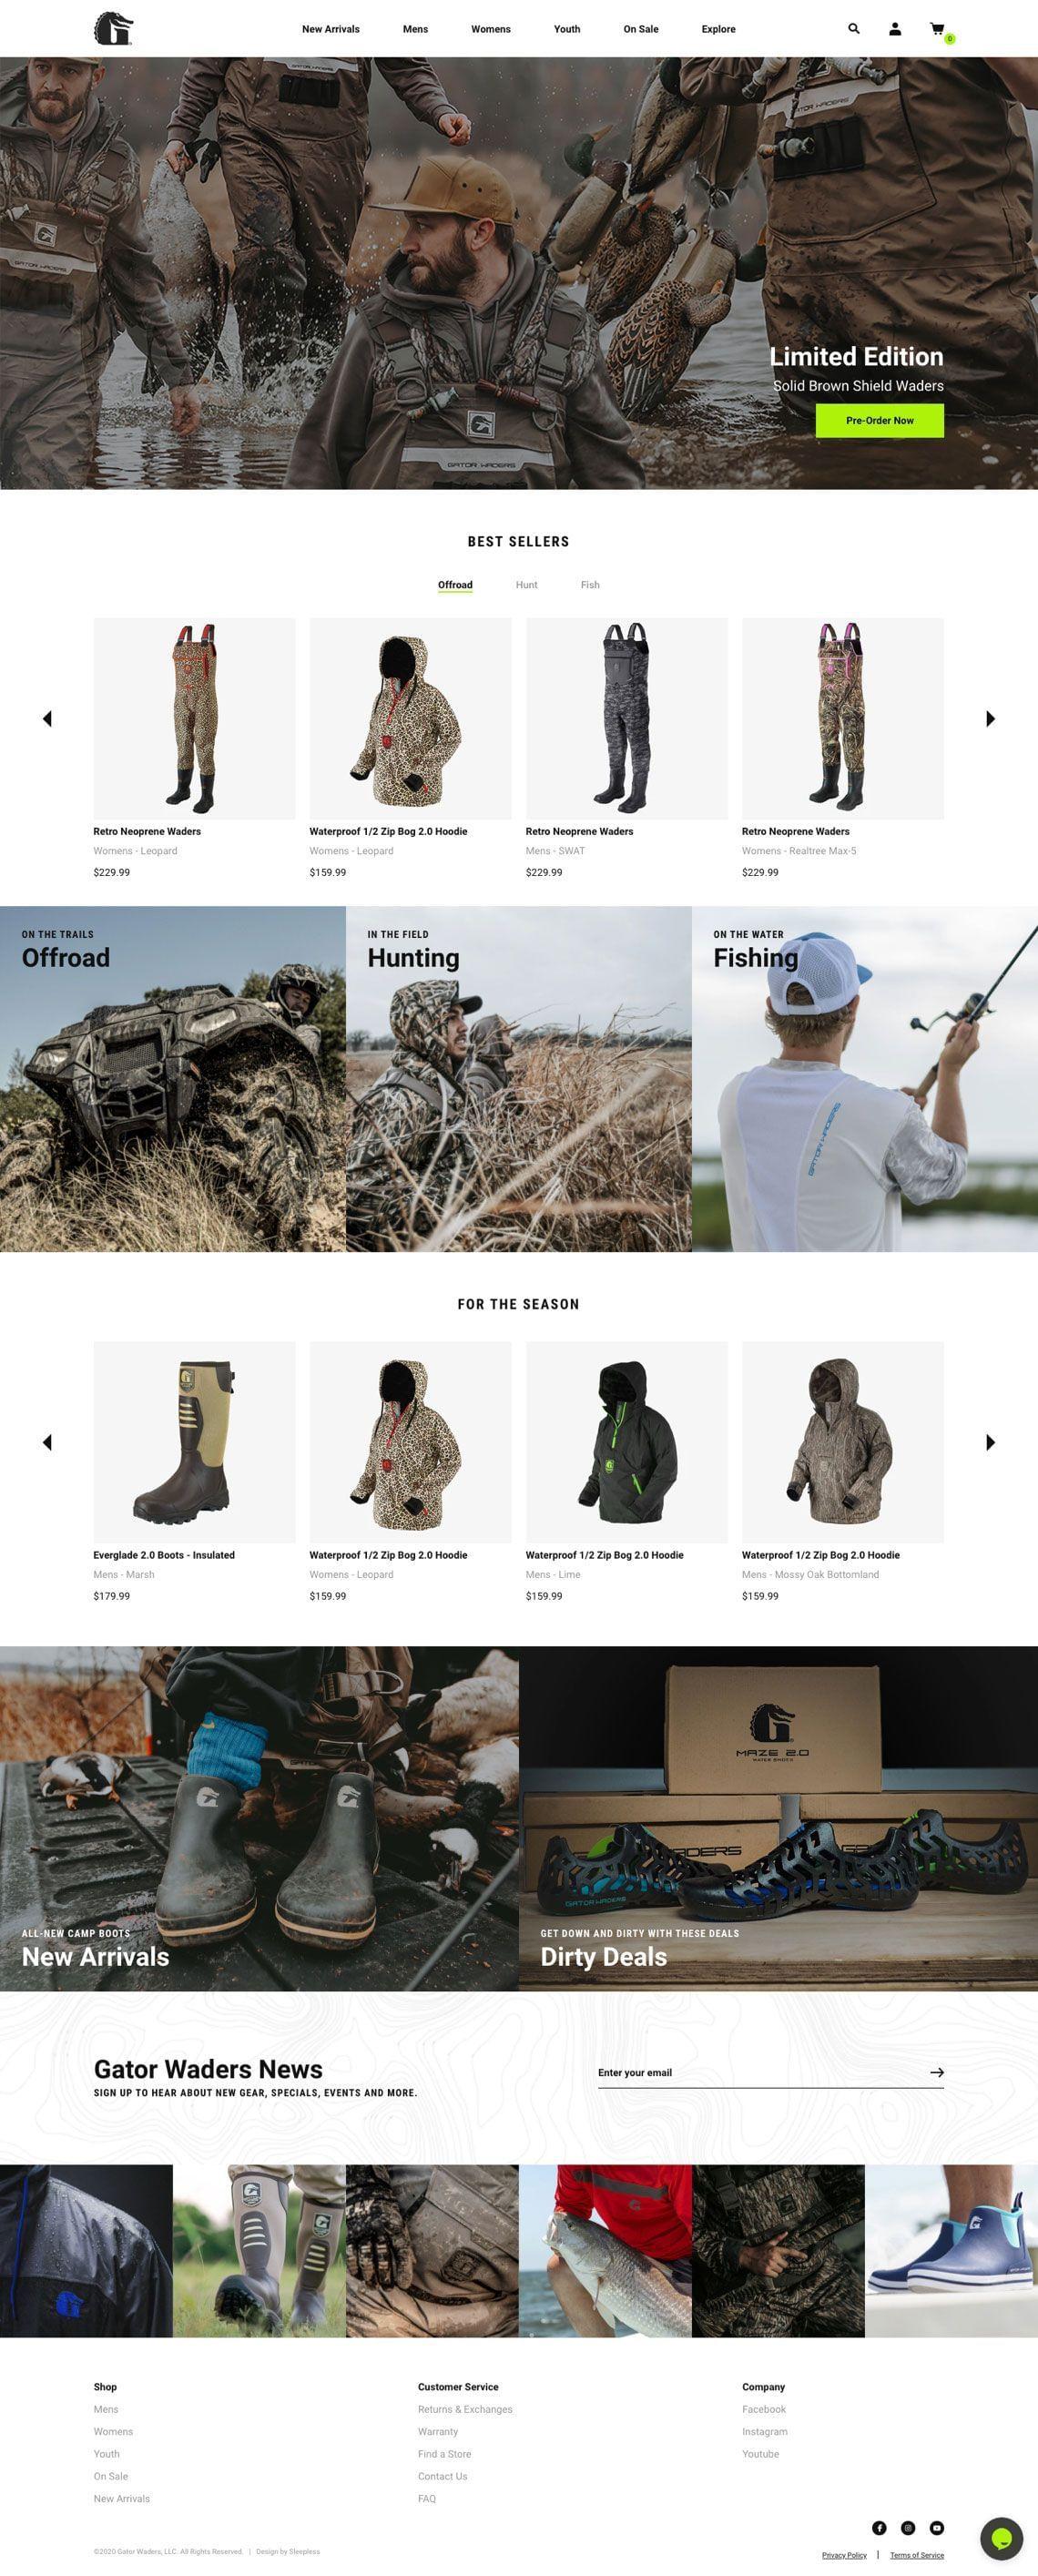 Gator Waders - Homepage